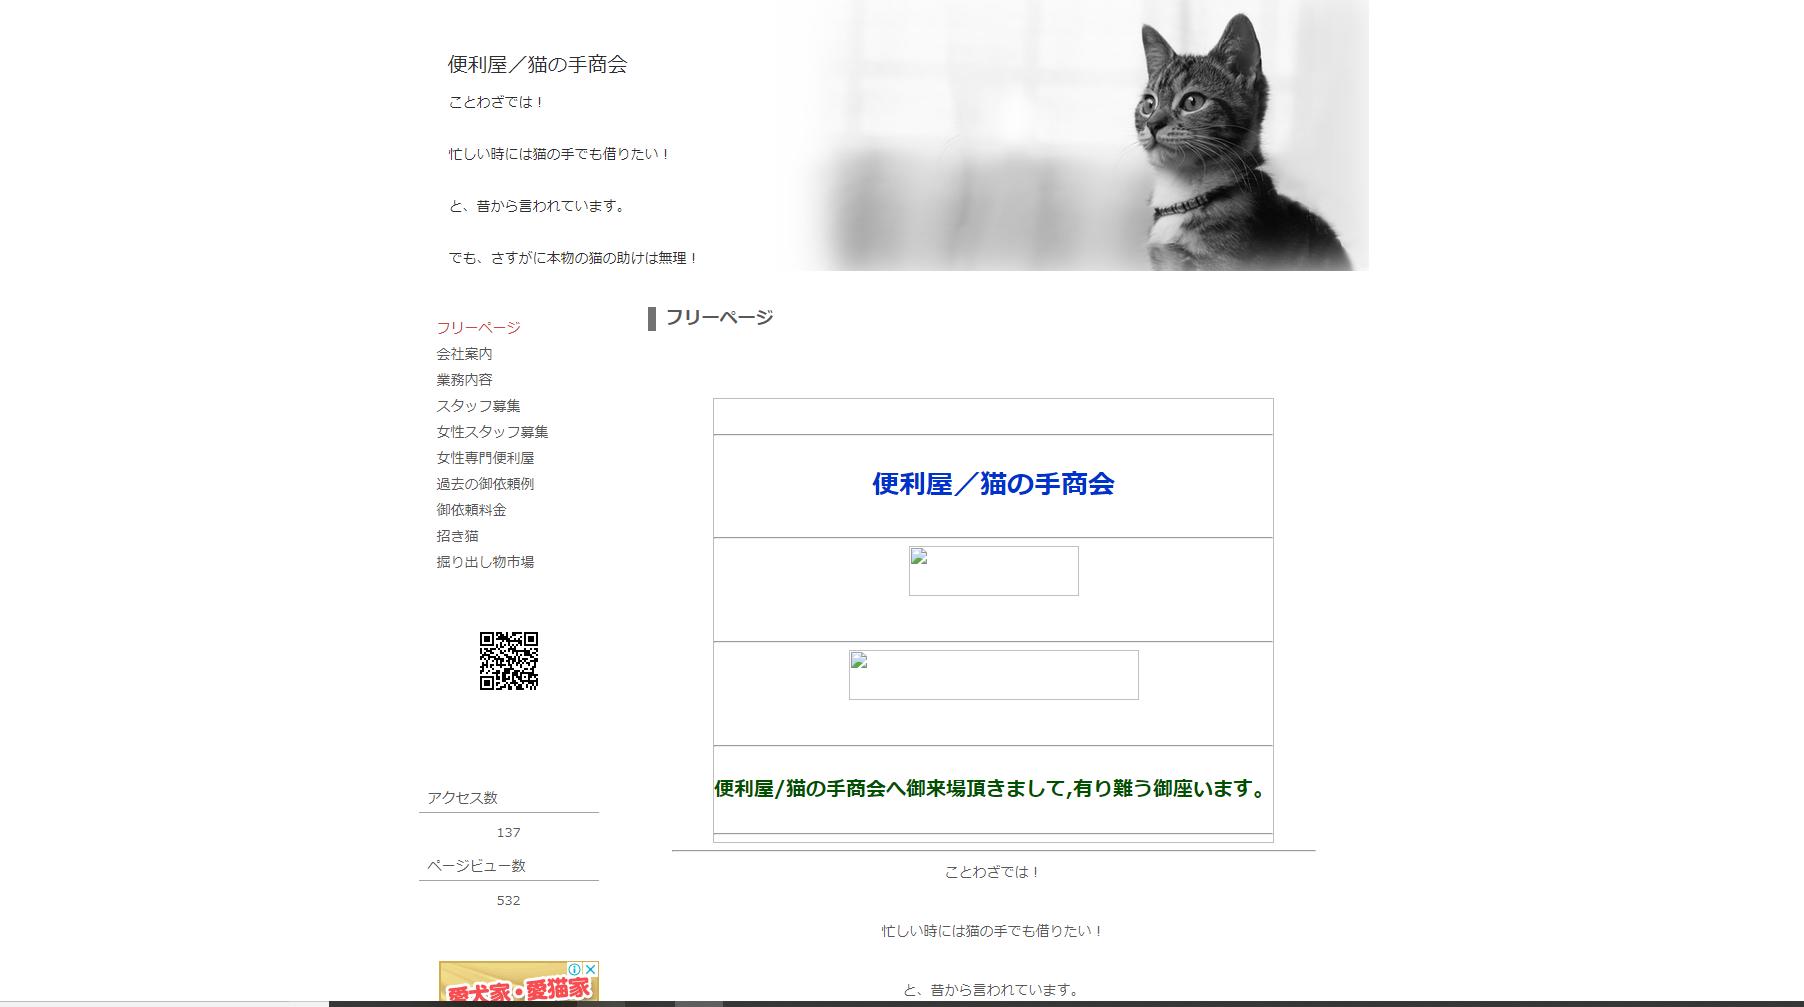 便利屋猫の手商会(千葉県鎌ケ谷市西道野辺)